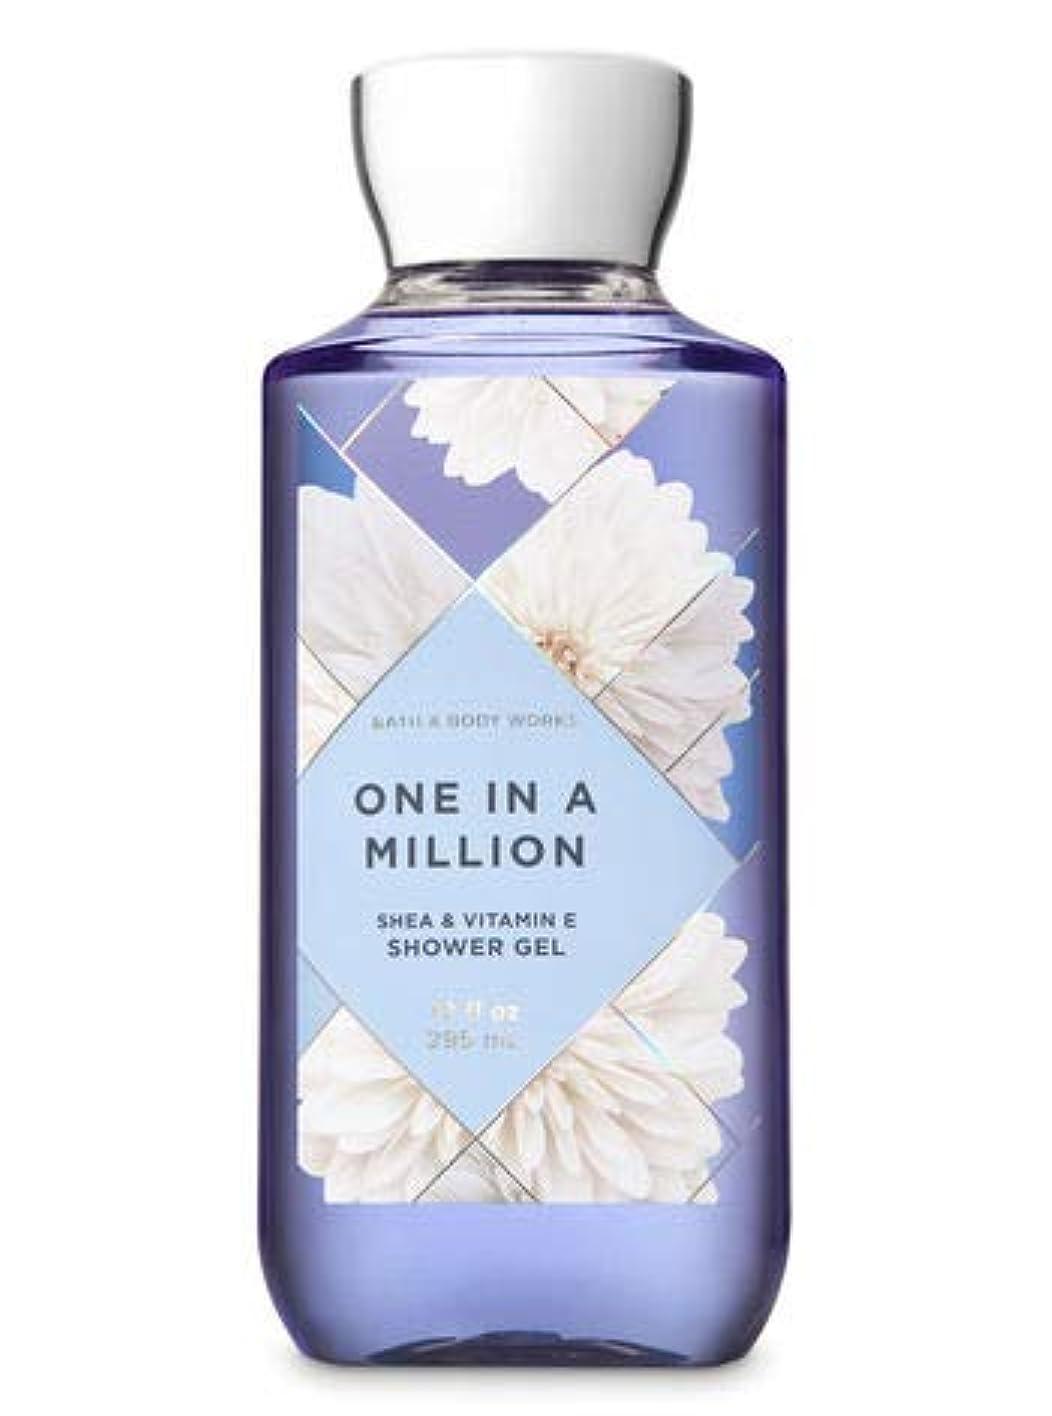 南方のめ言葉拮抗する【Bath&Body Works/バス&ボディワークス】 シャワージェル ワンインアミリオン Shower Gel One in a Million 10 fl oz / 295 mL [並行輸入品]